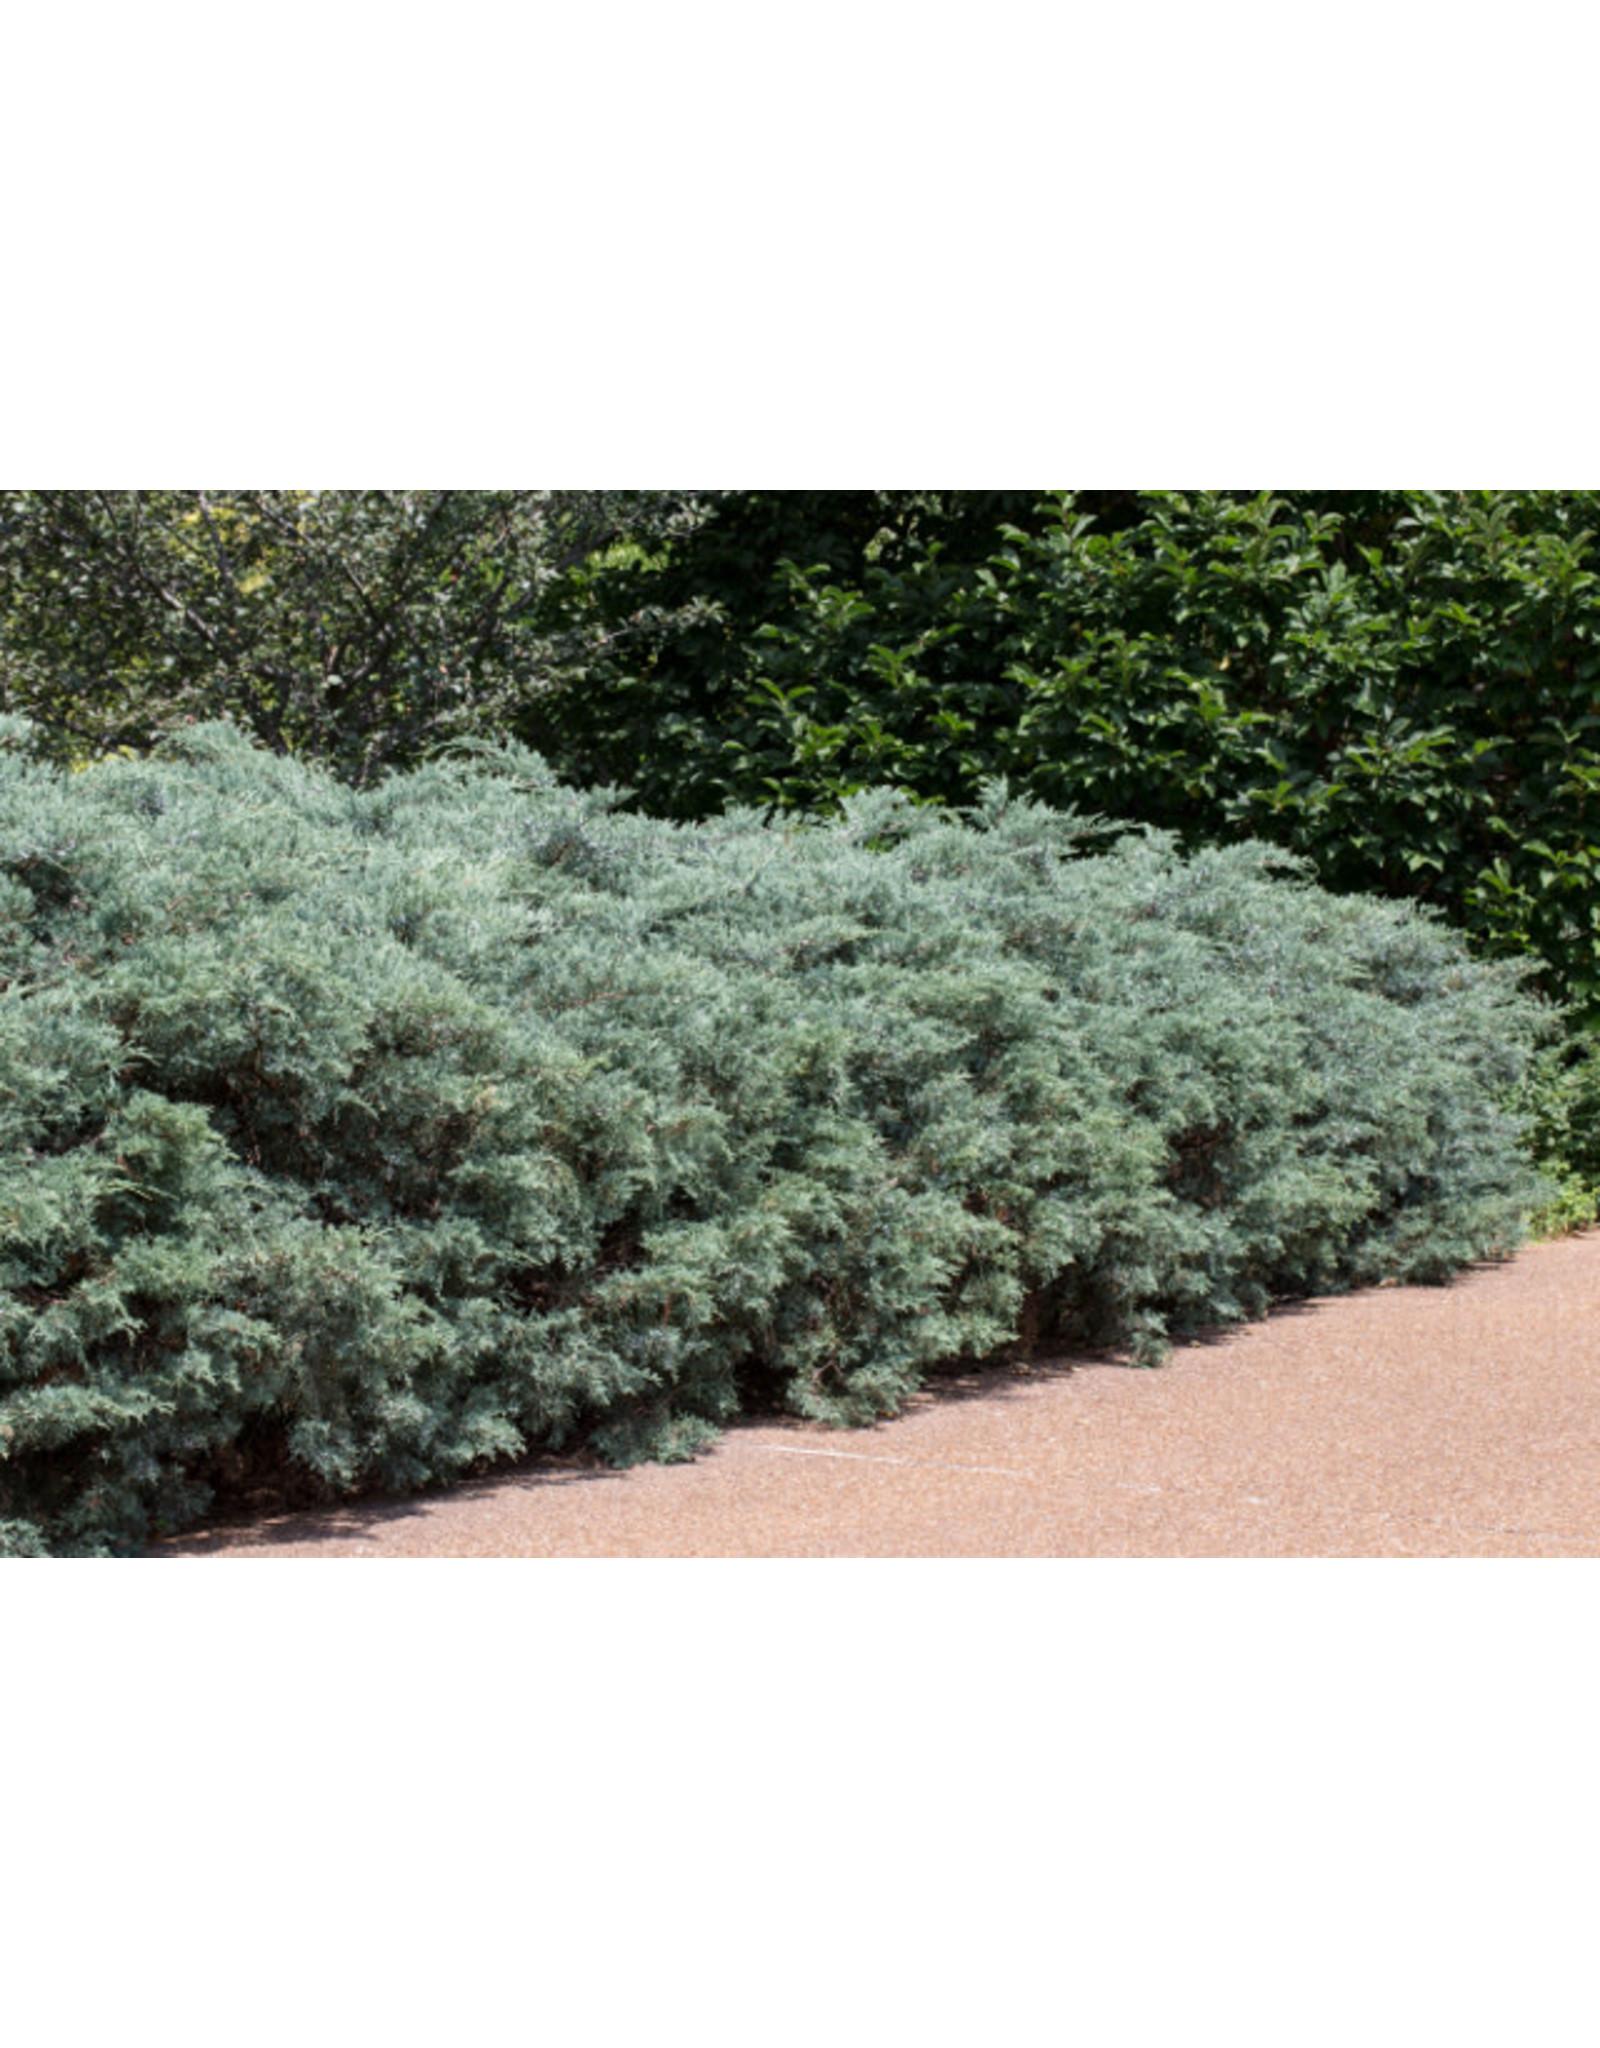 Juniper - Juniperus Virginiana 'Grey Owl' 3 Gallon